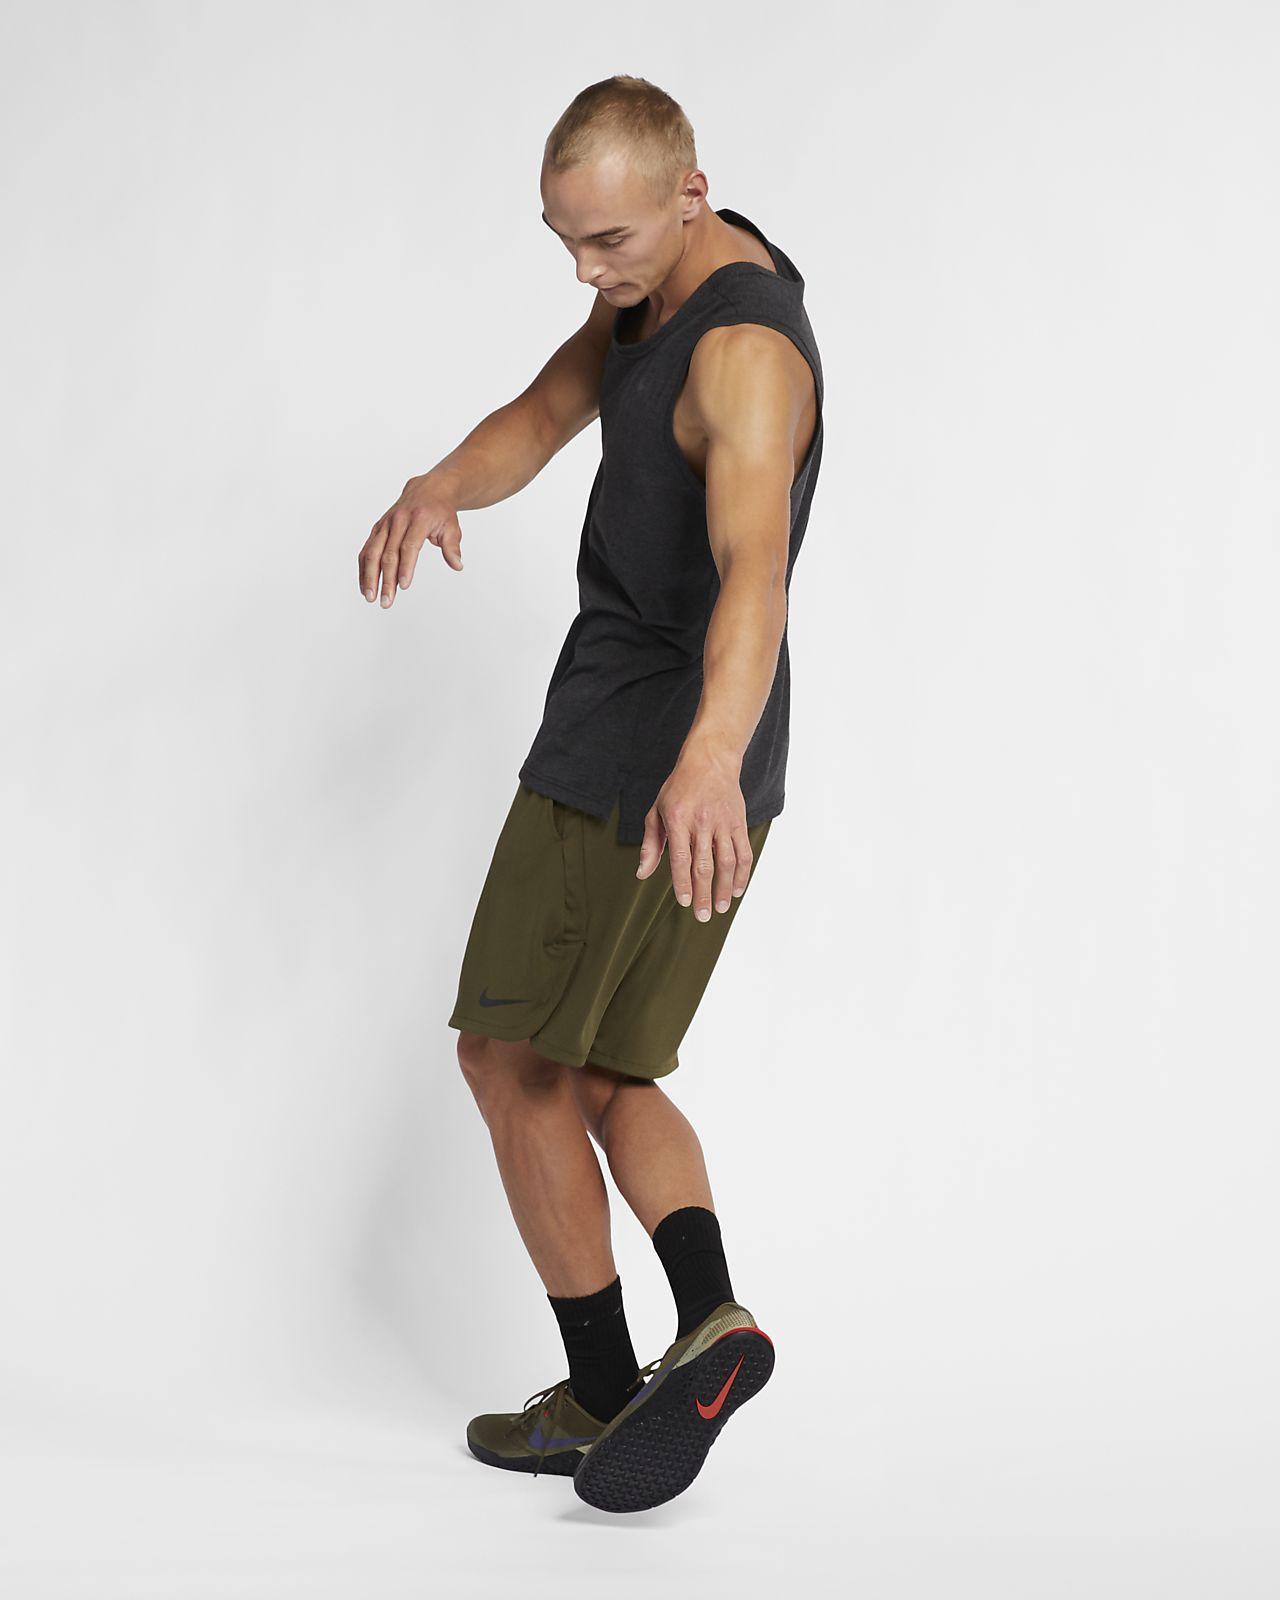 Träningslinne Nike Breathe för män